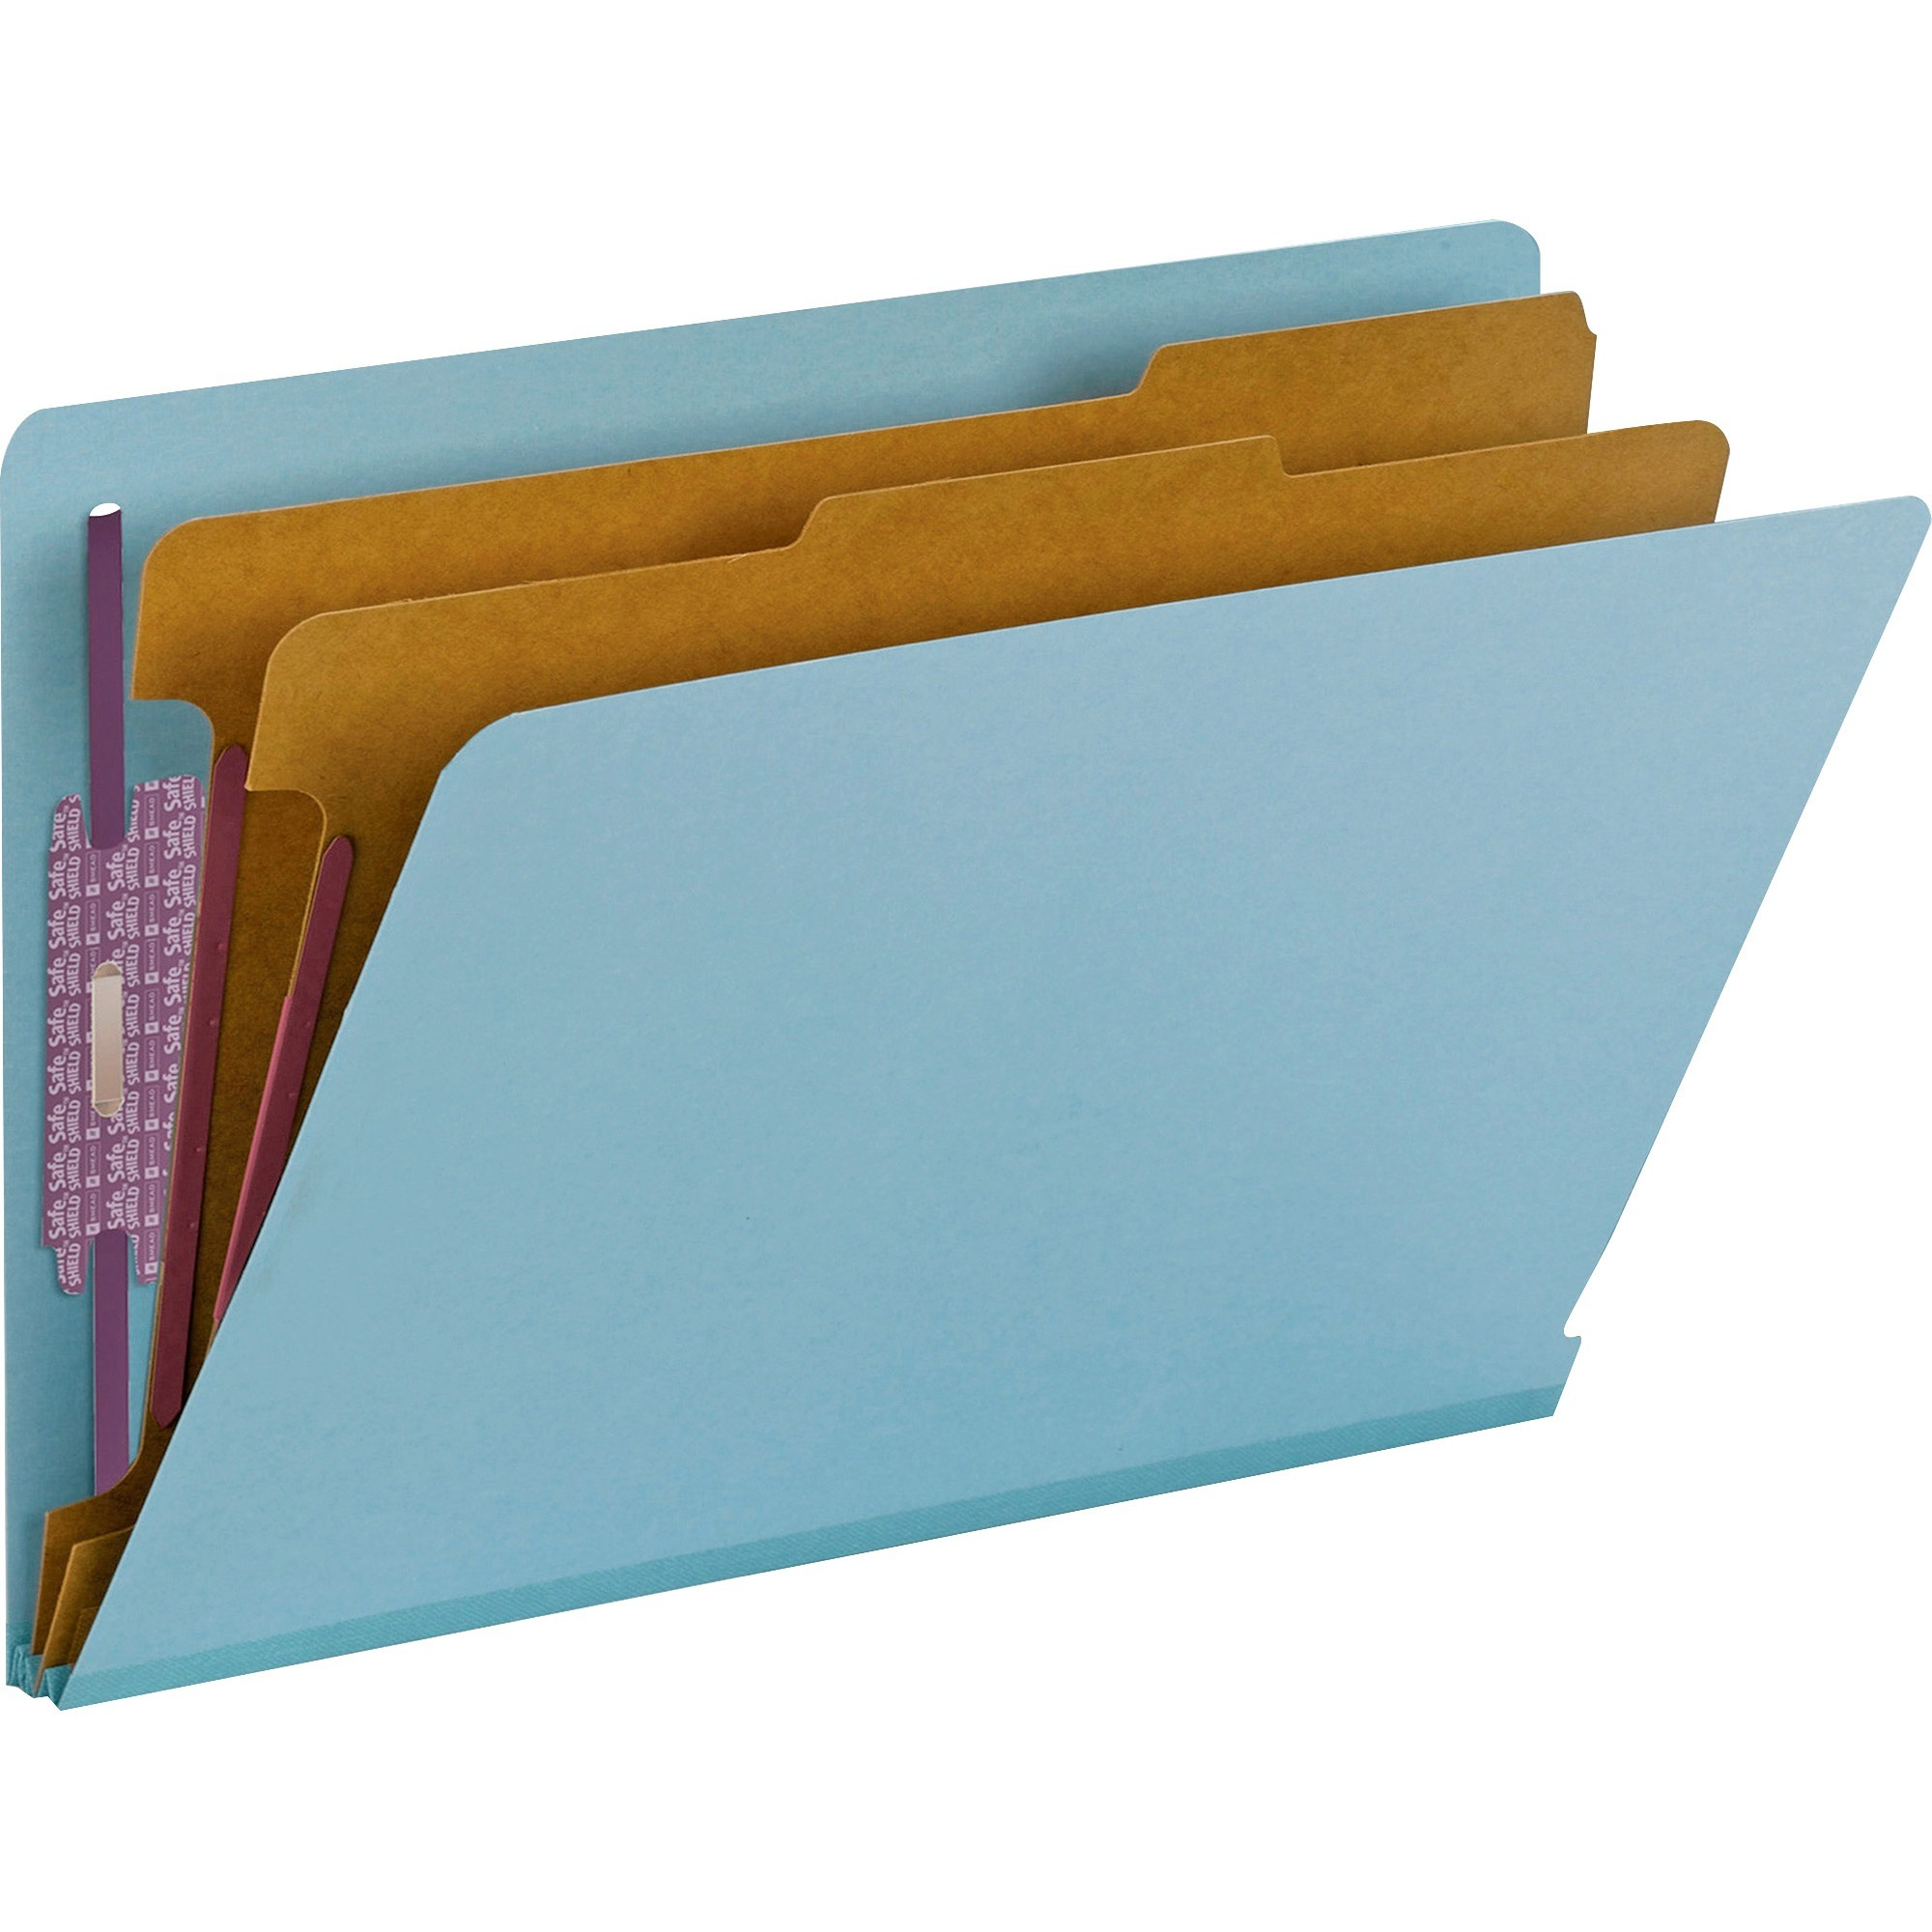 Smead Pressboard End Tab Classification Folders SMD29784